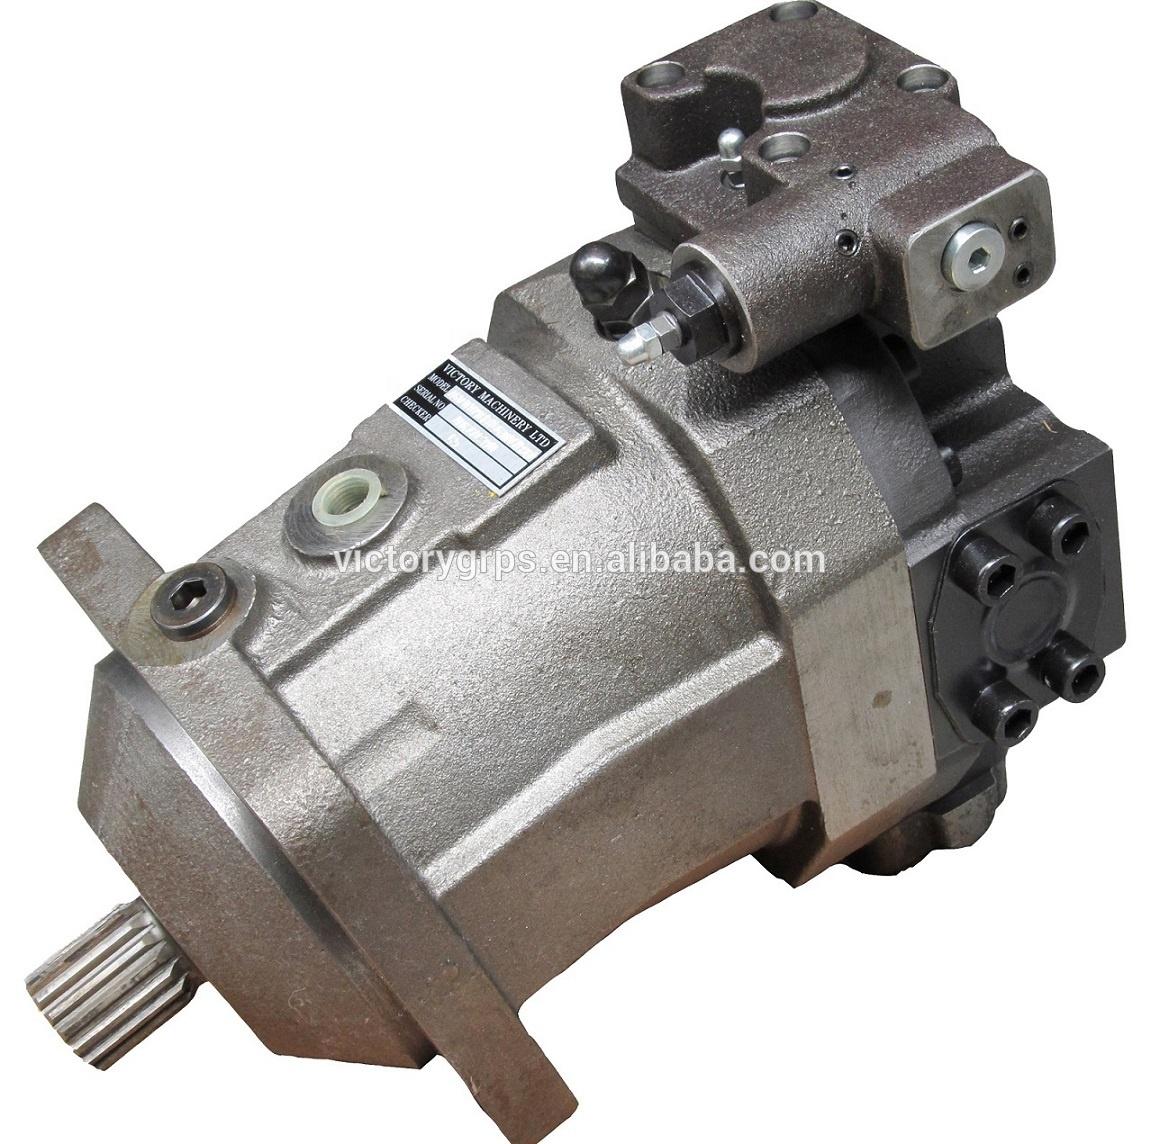 A6VM107 A6VM160 A6VM200 A6VM250 A6VM500 A6VM55 A6VM80 Hydromatik Rexroth A6VM Motor